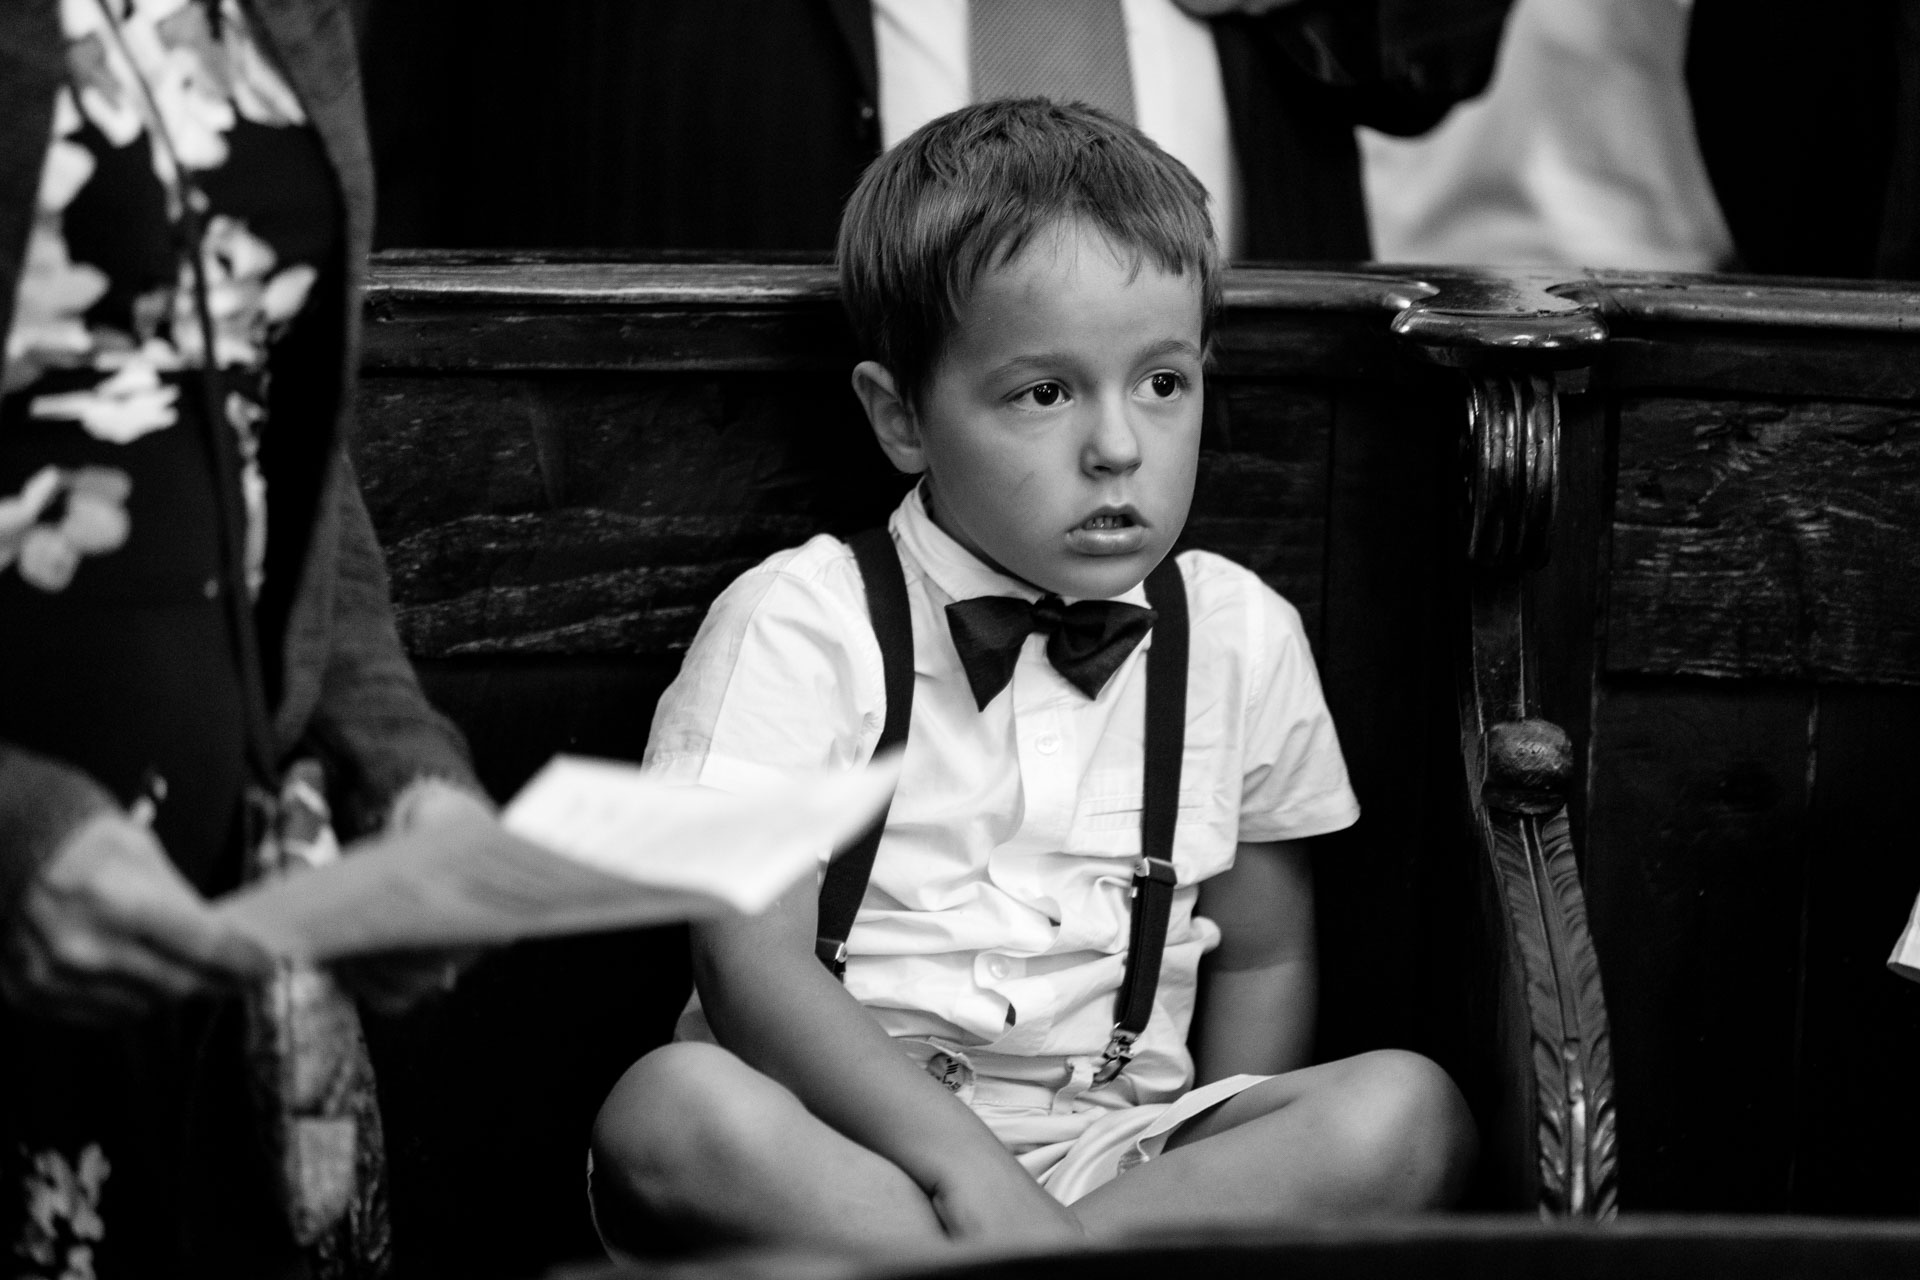 un enfant pemdant la ceremonie